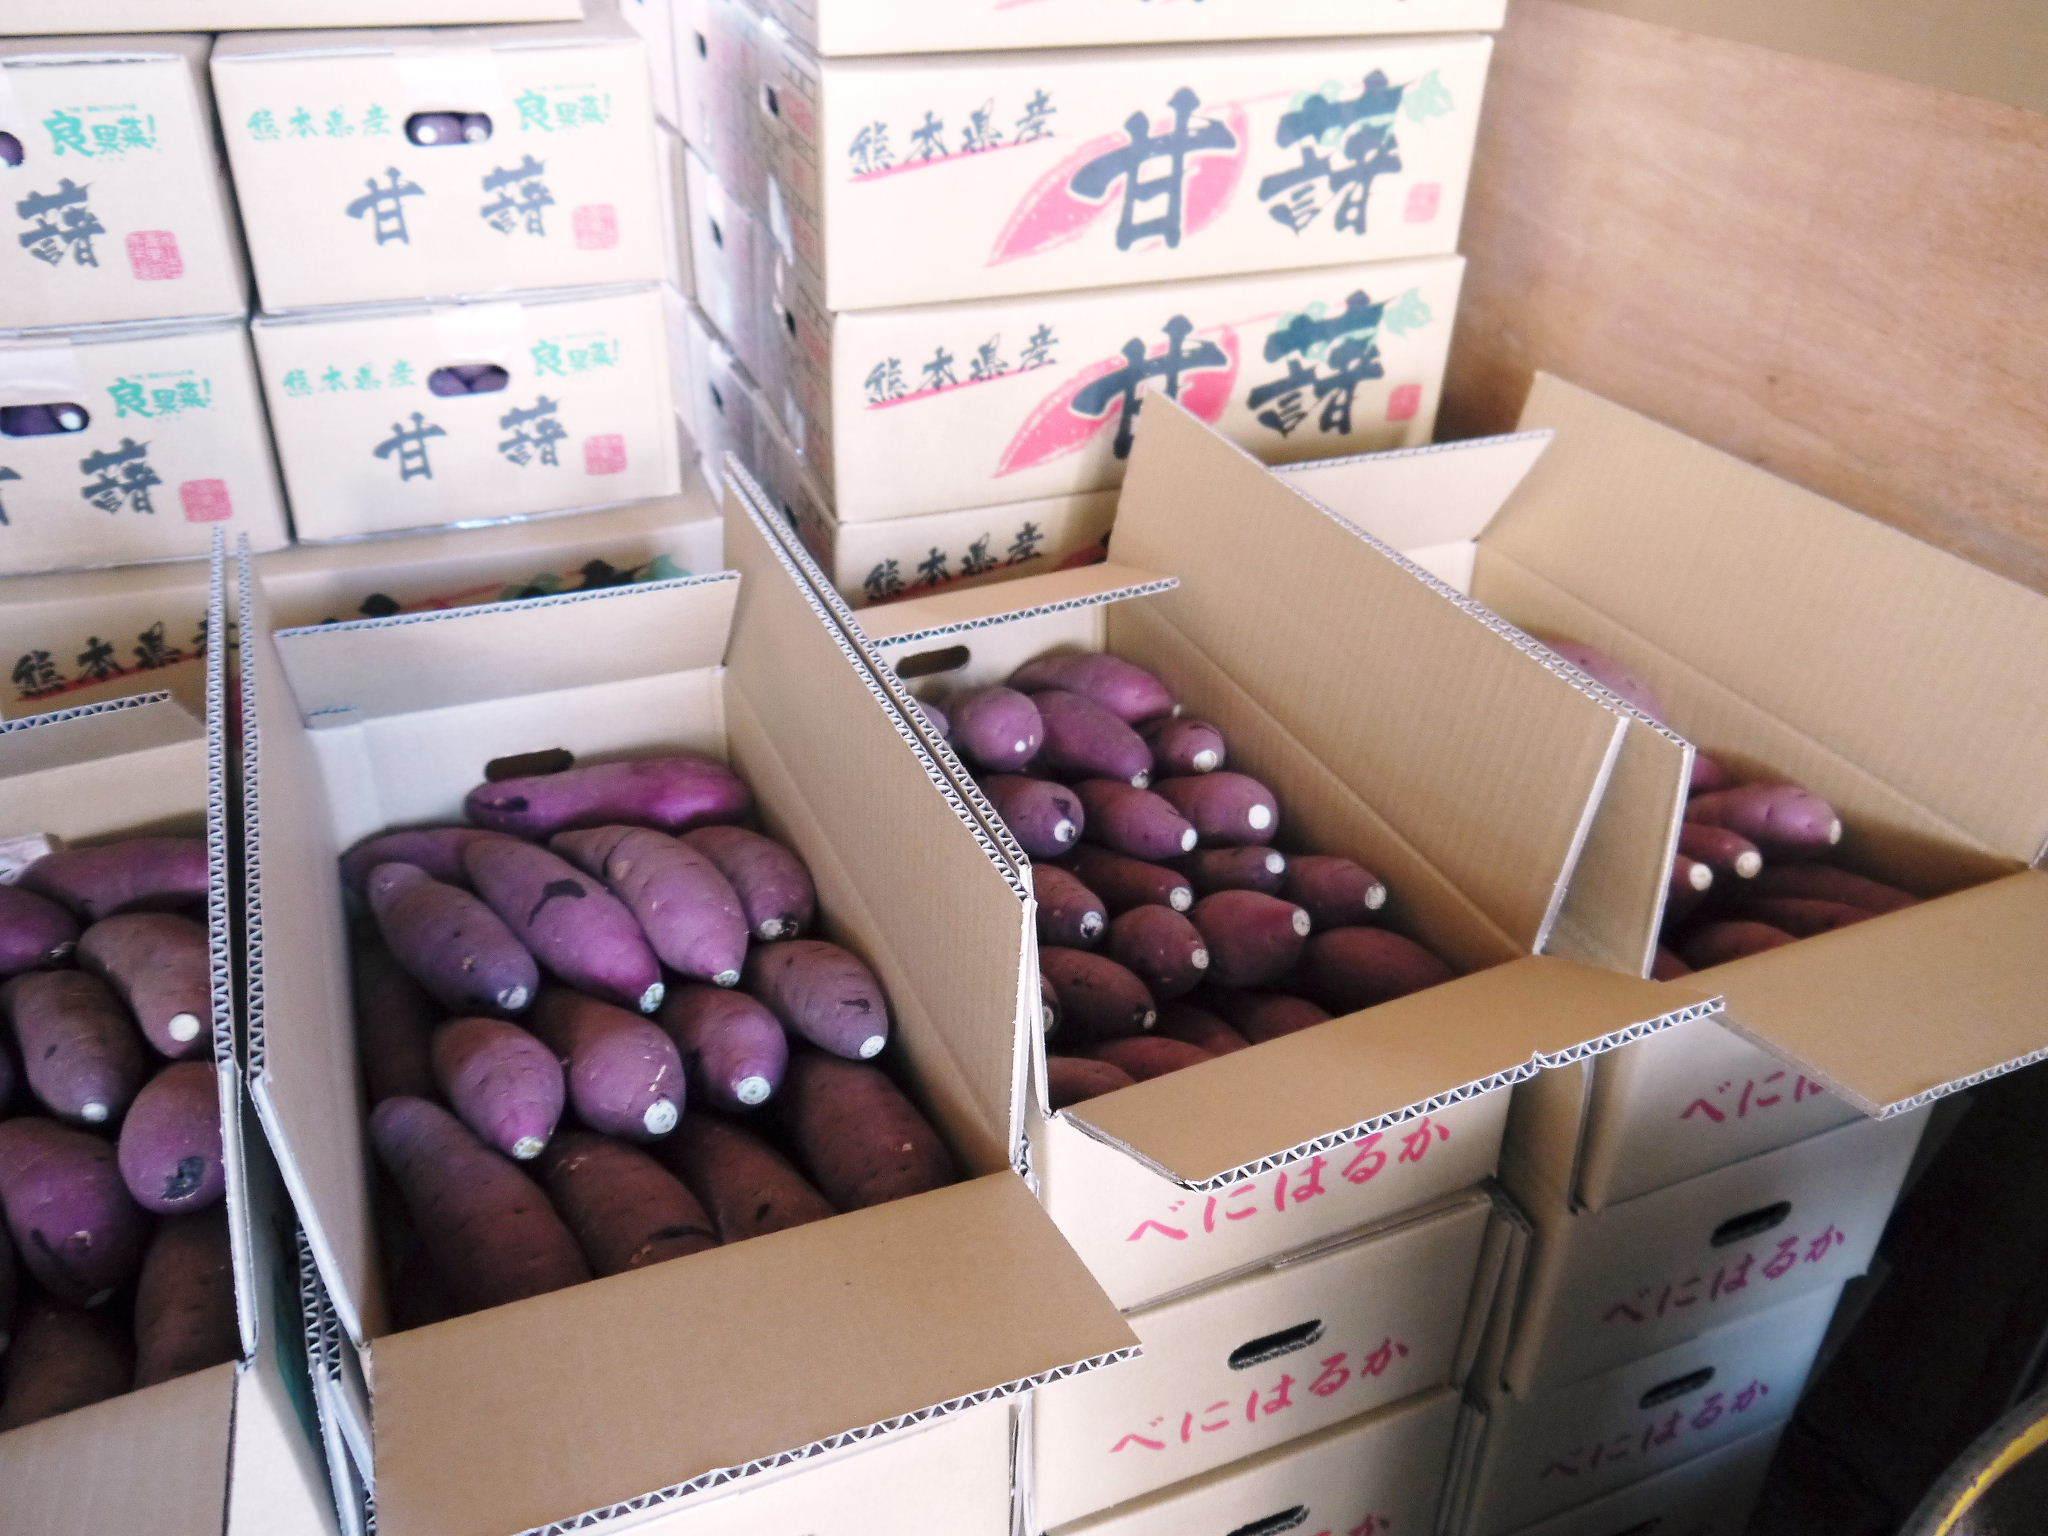 熊本産大津甘藷『からいも(サツマイモ)』の販売に向け、生産農家を現地取材(後編)_a0254656_18465086.jpg